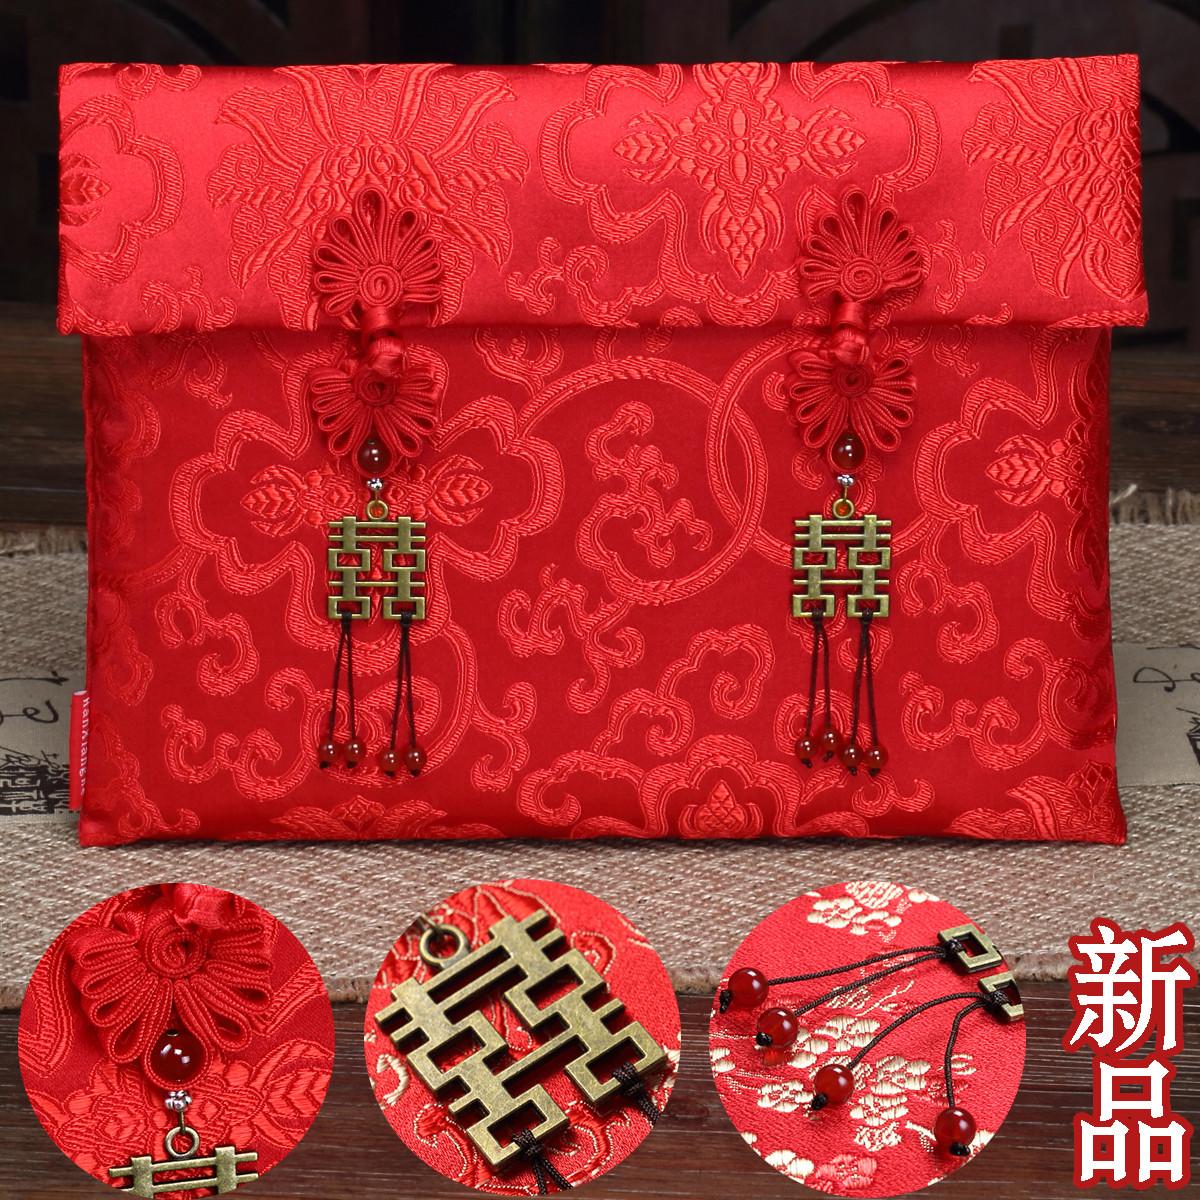 Конверты для Китайского нового года Артикул 543704337267